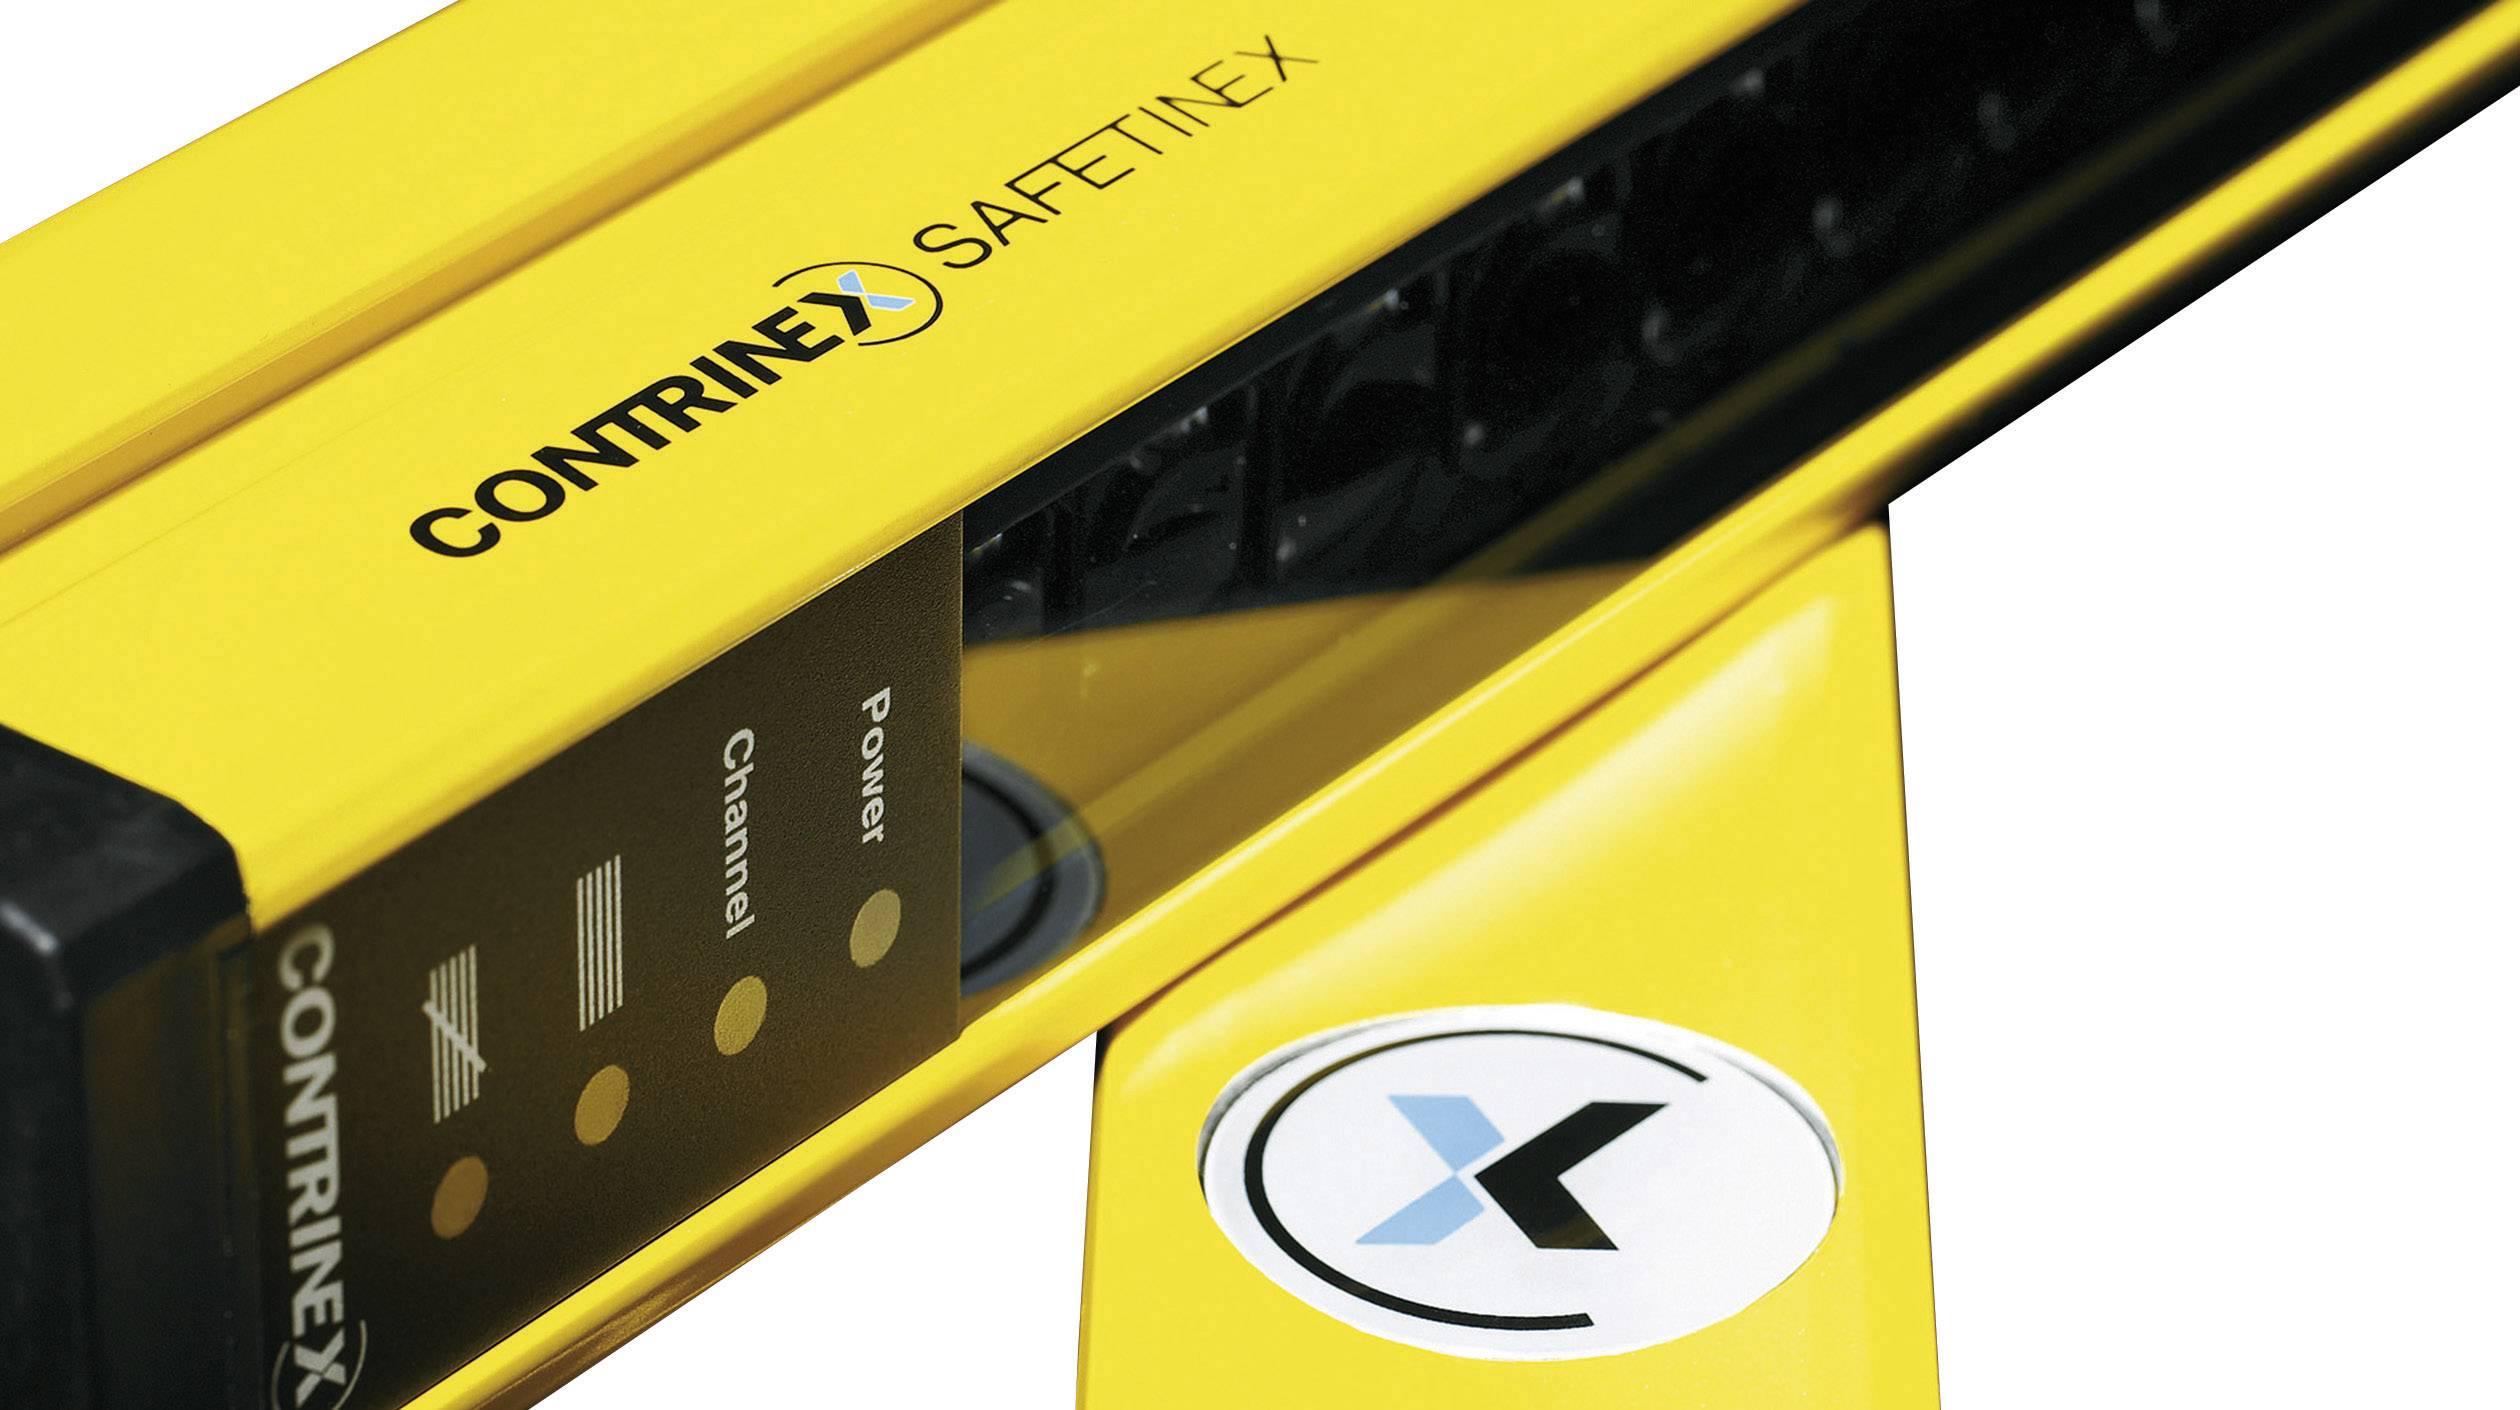 Bezpečnostní světelná závora pro ochranu rukou Contrinex YBB-30S4-1700-G012 630 000 699